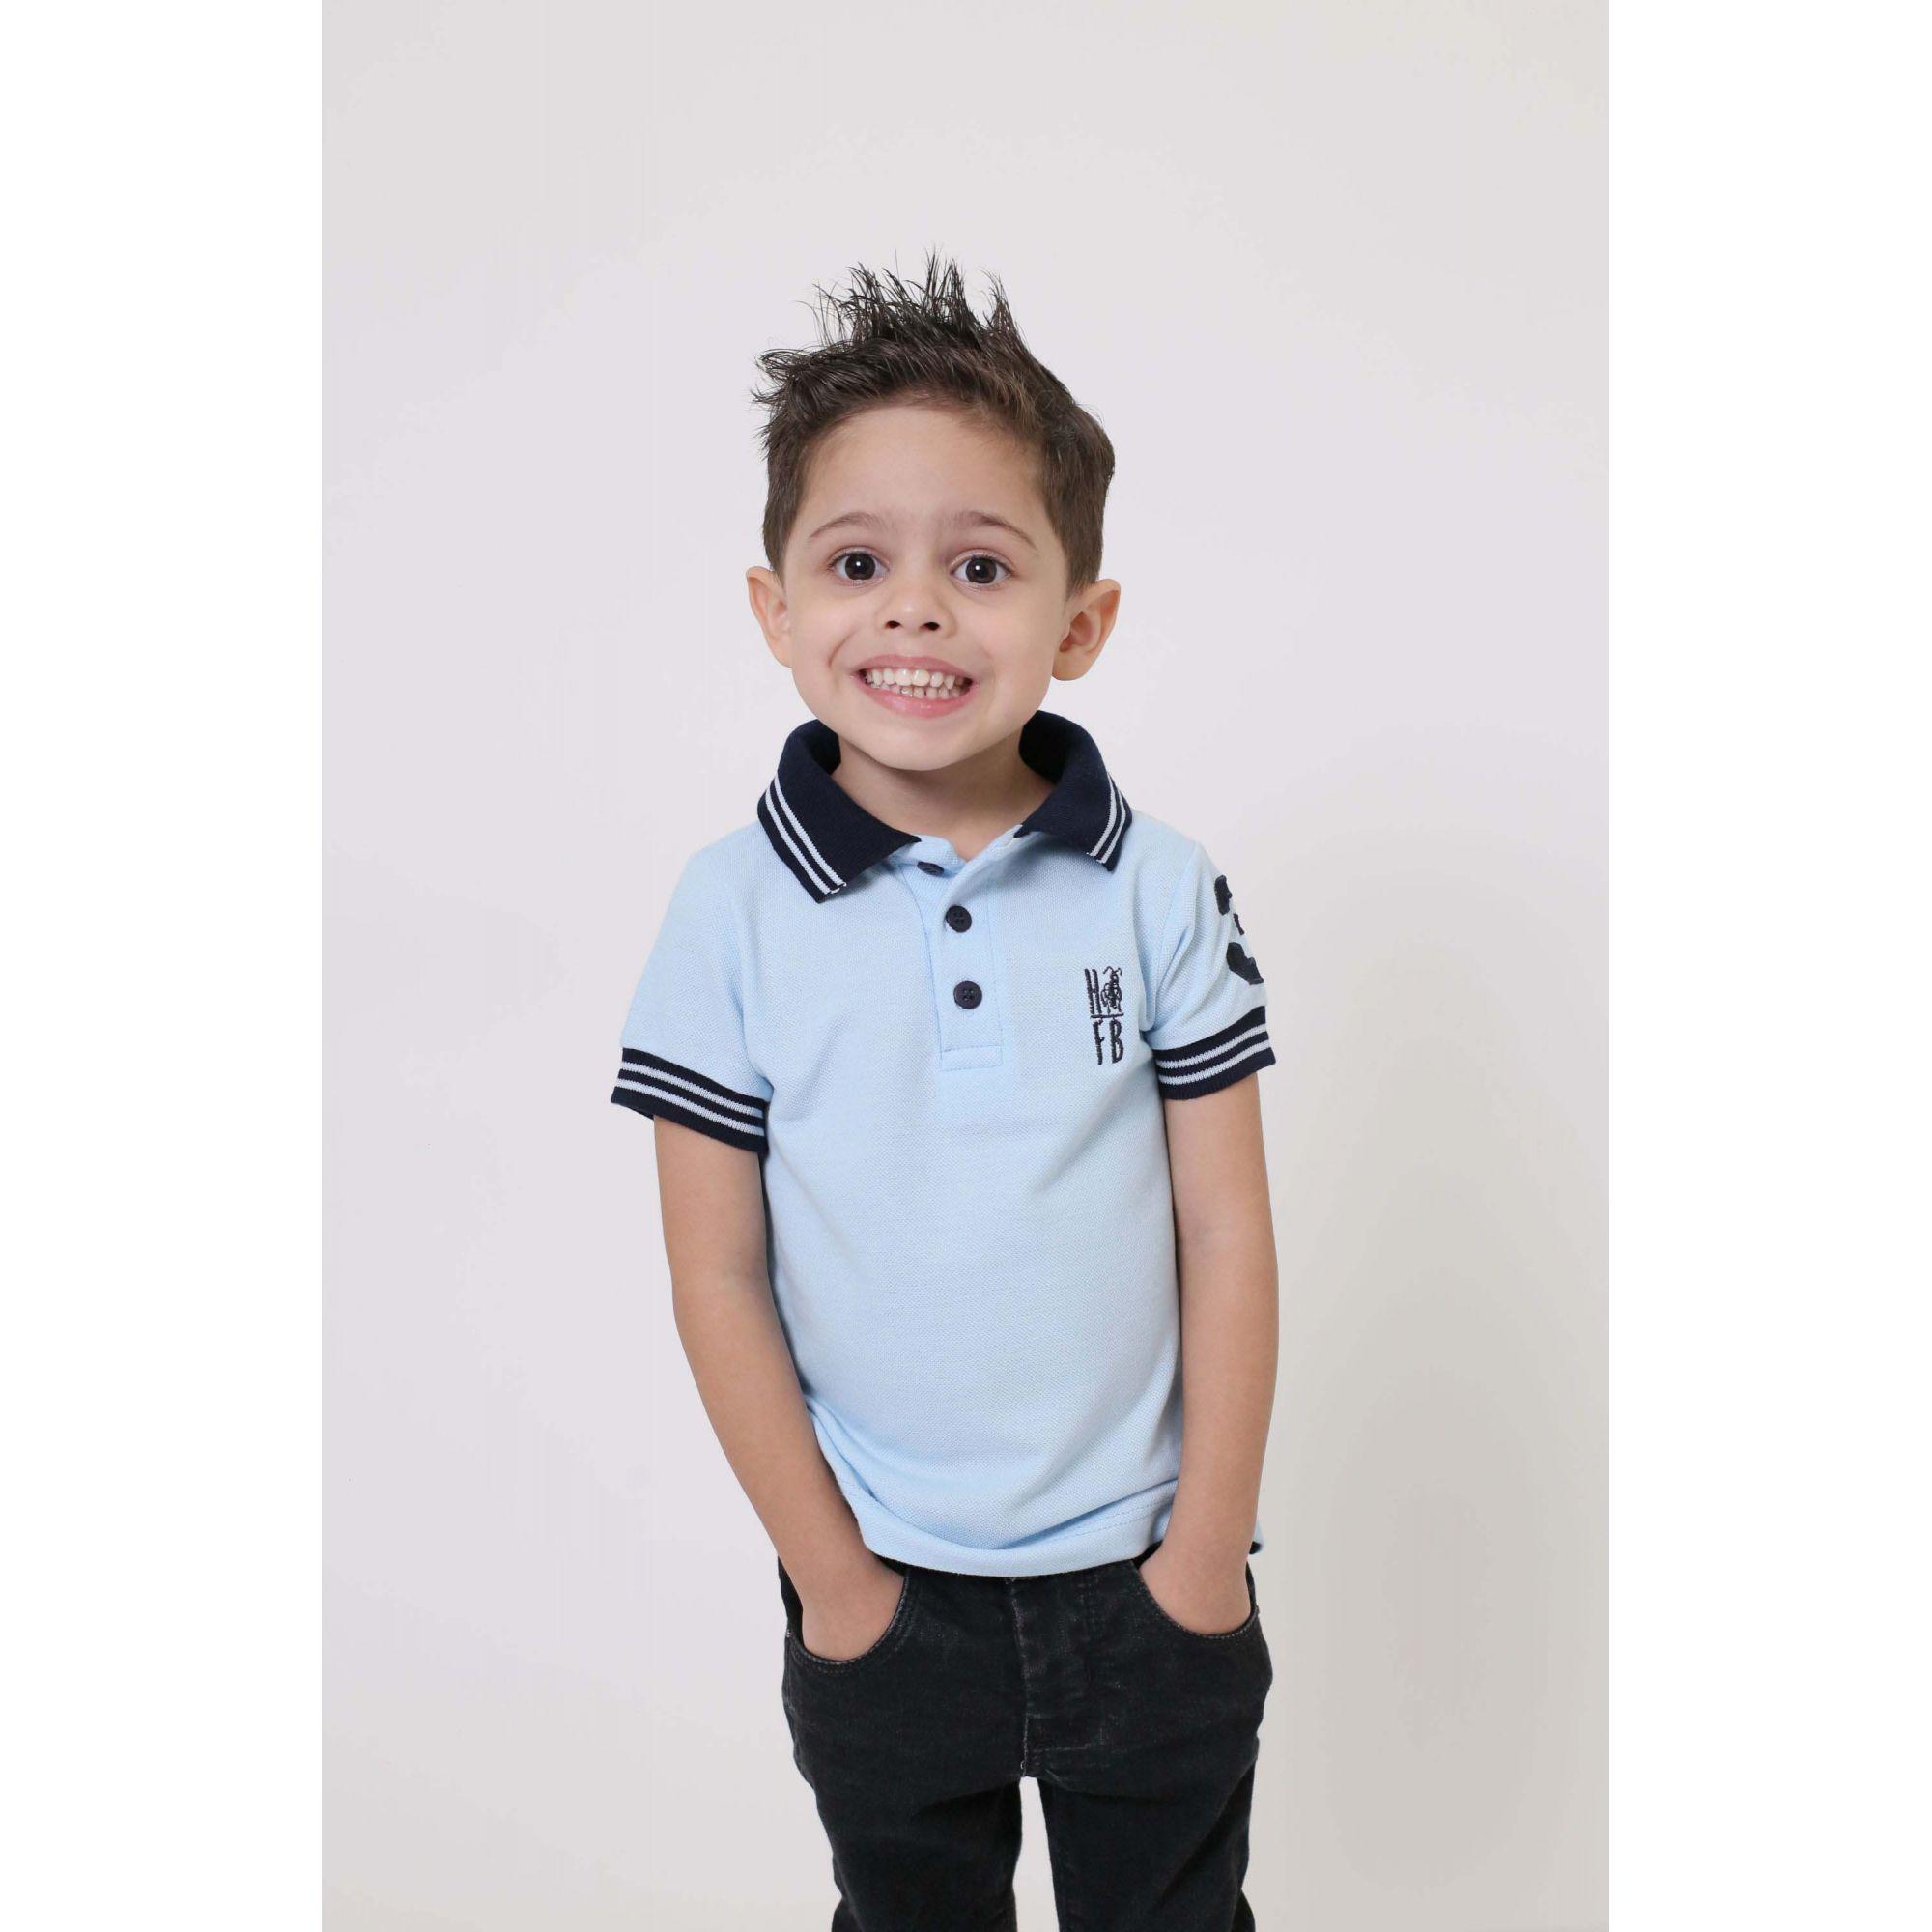 Camisa Polo ou Body Infantil Azul Nobreza  - Heitor Fashion Brazil